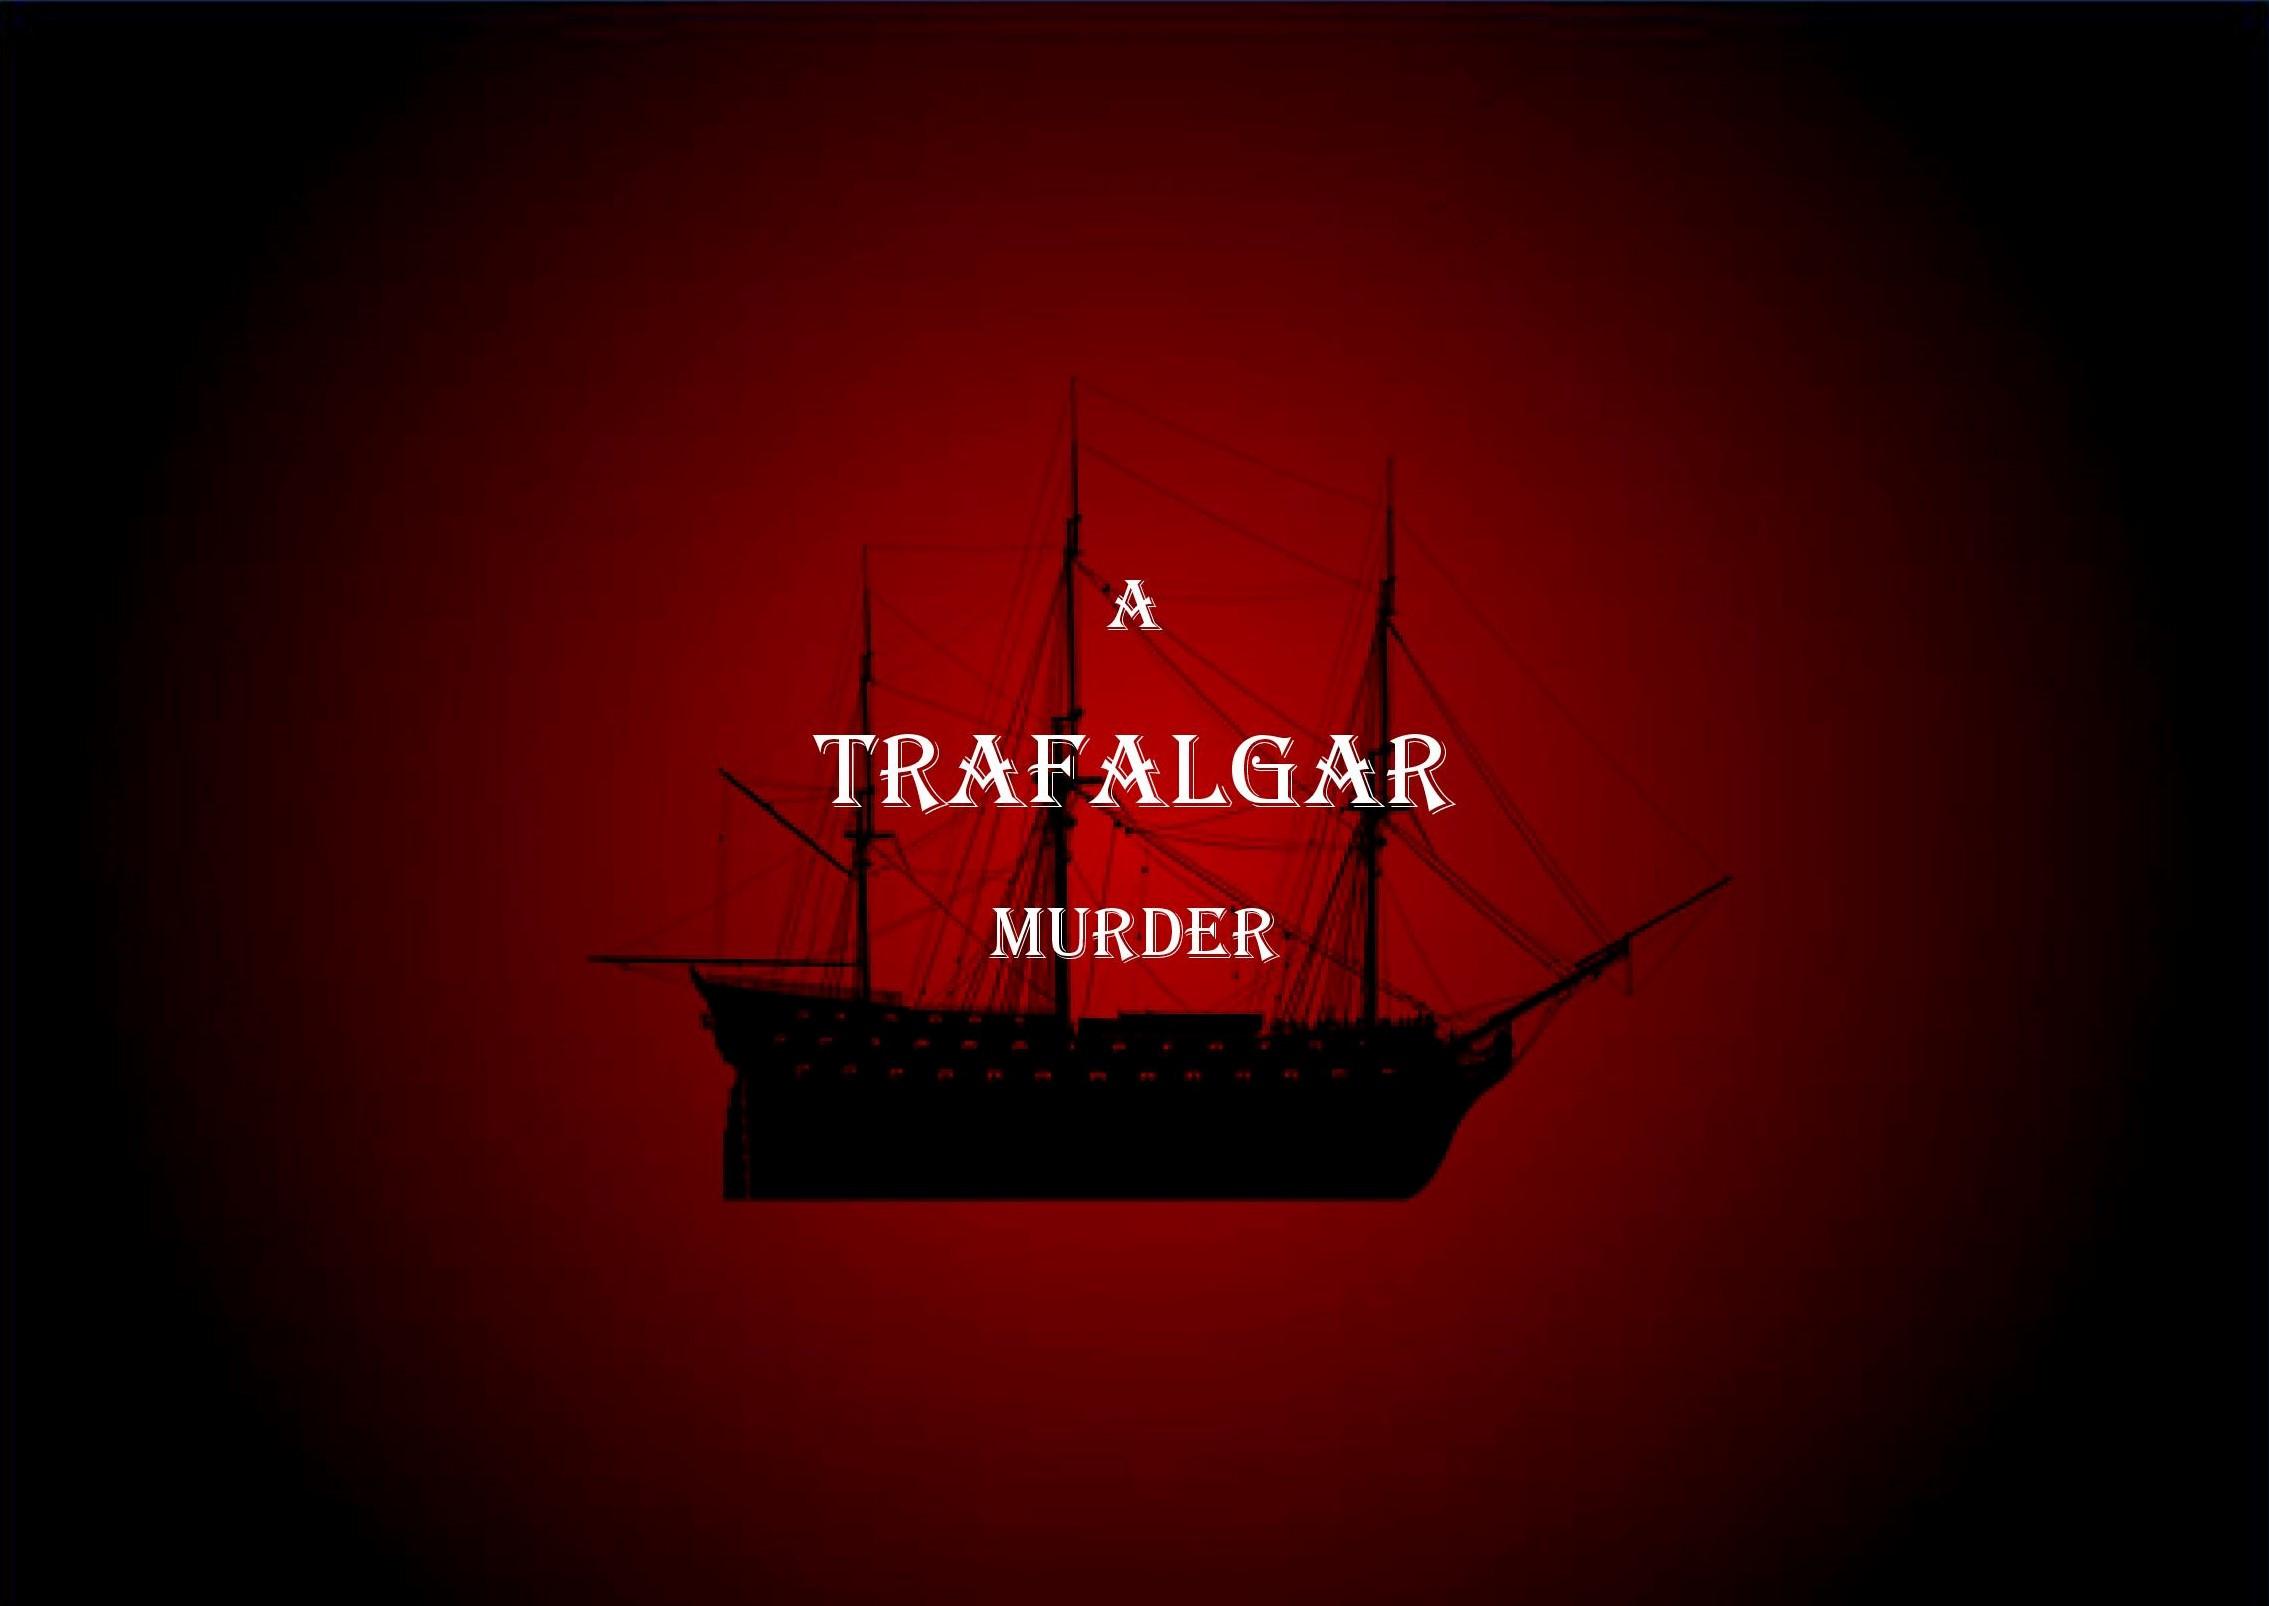 A Trafalgar Murder